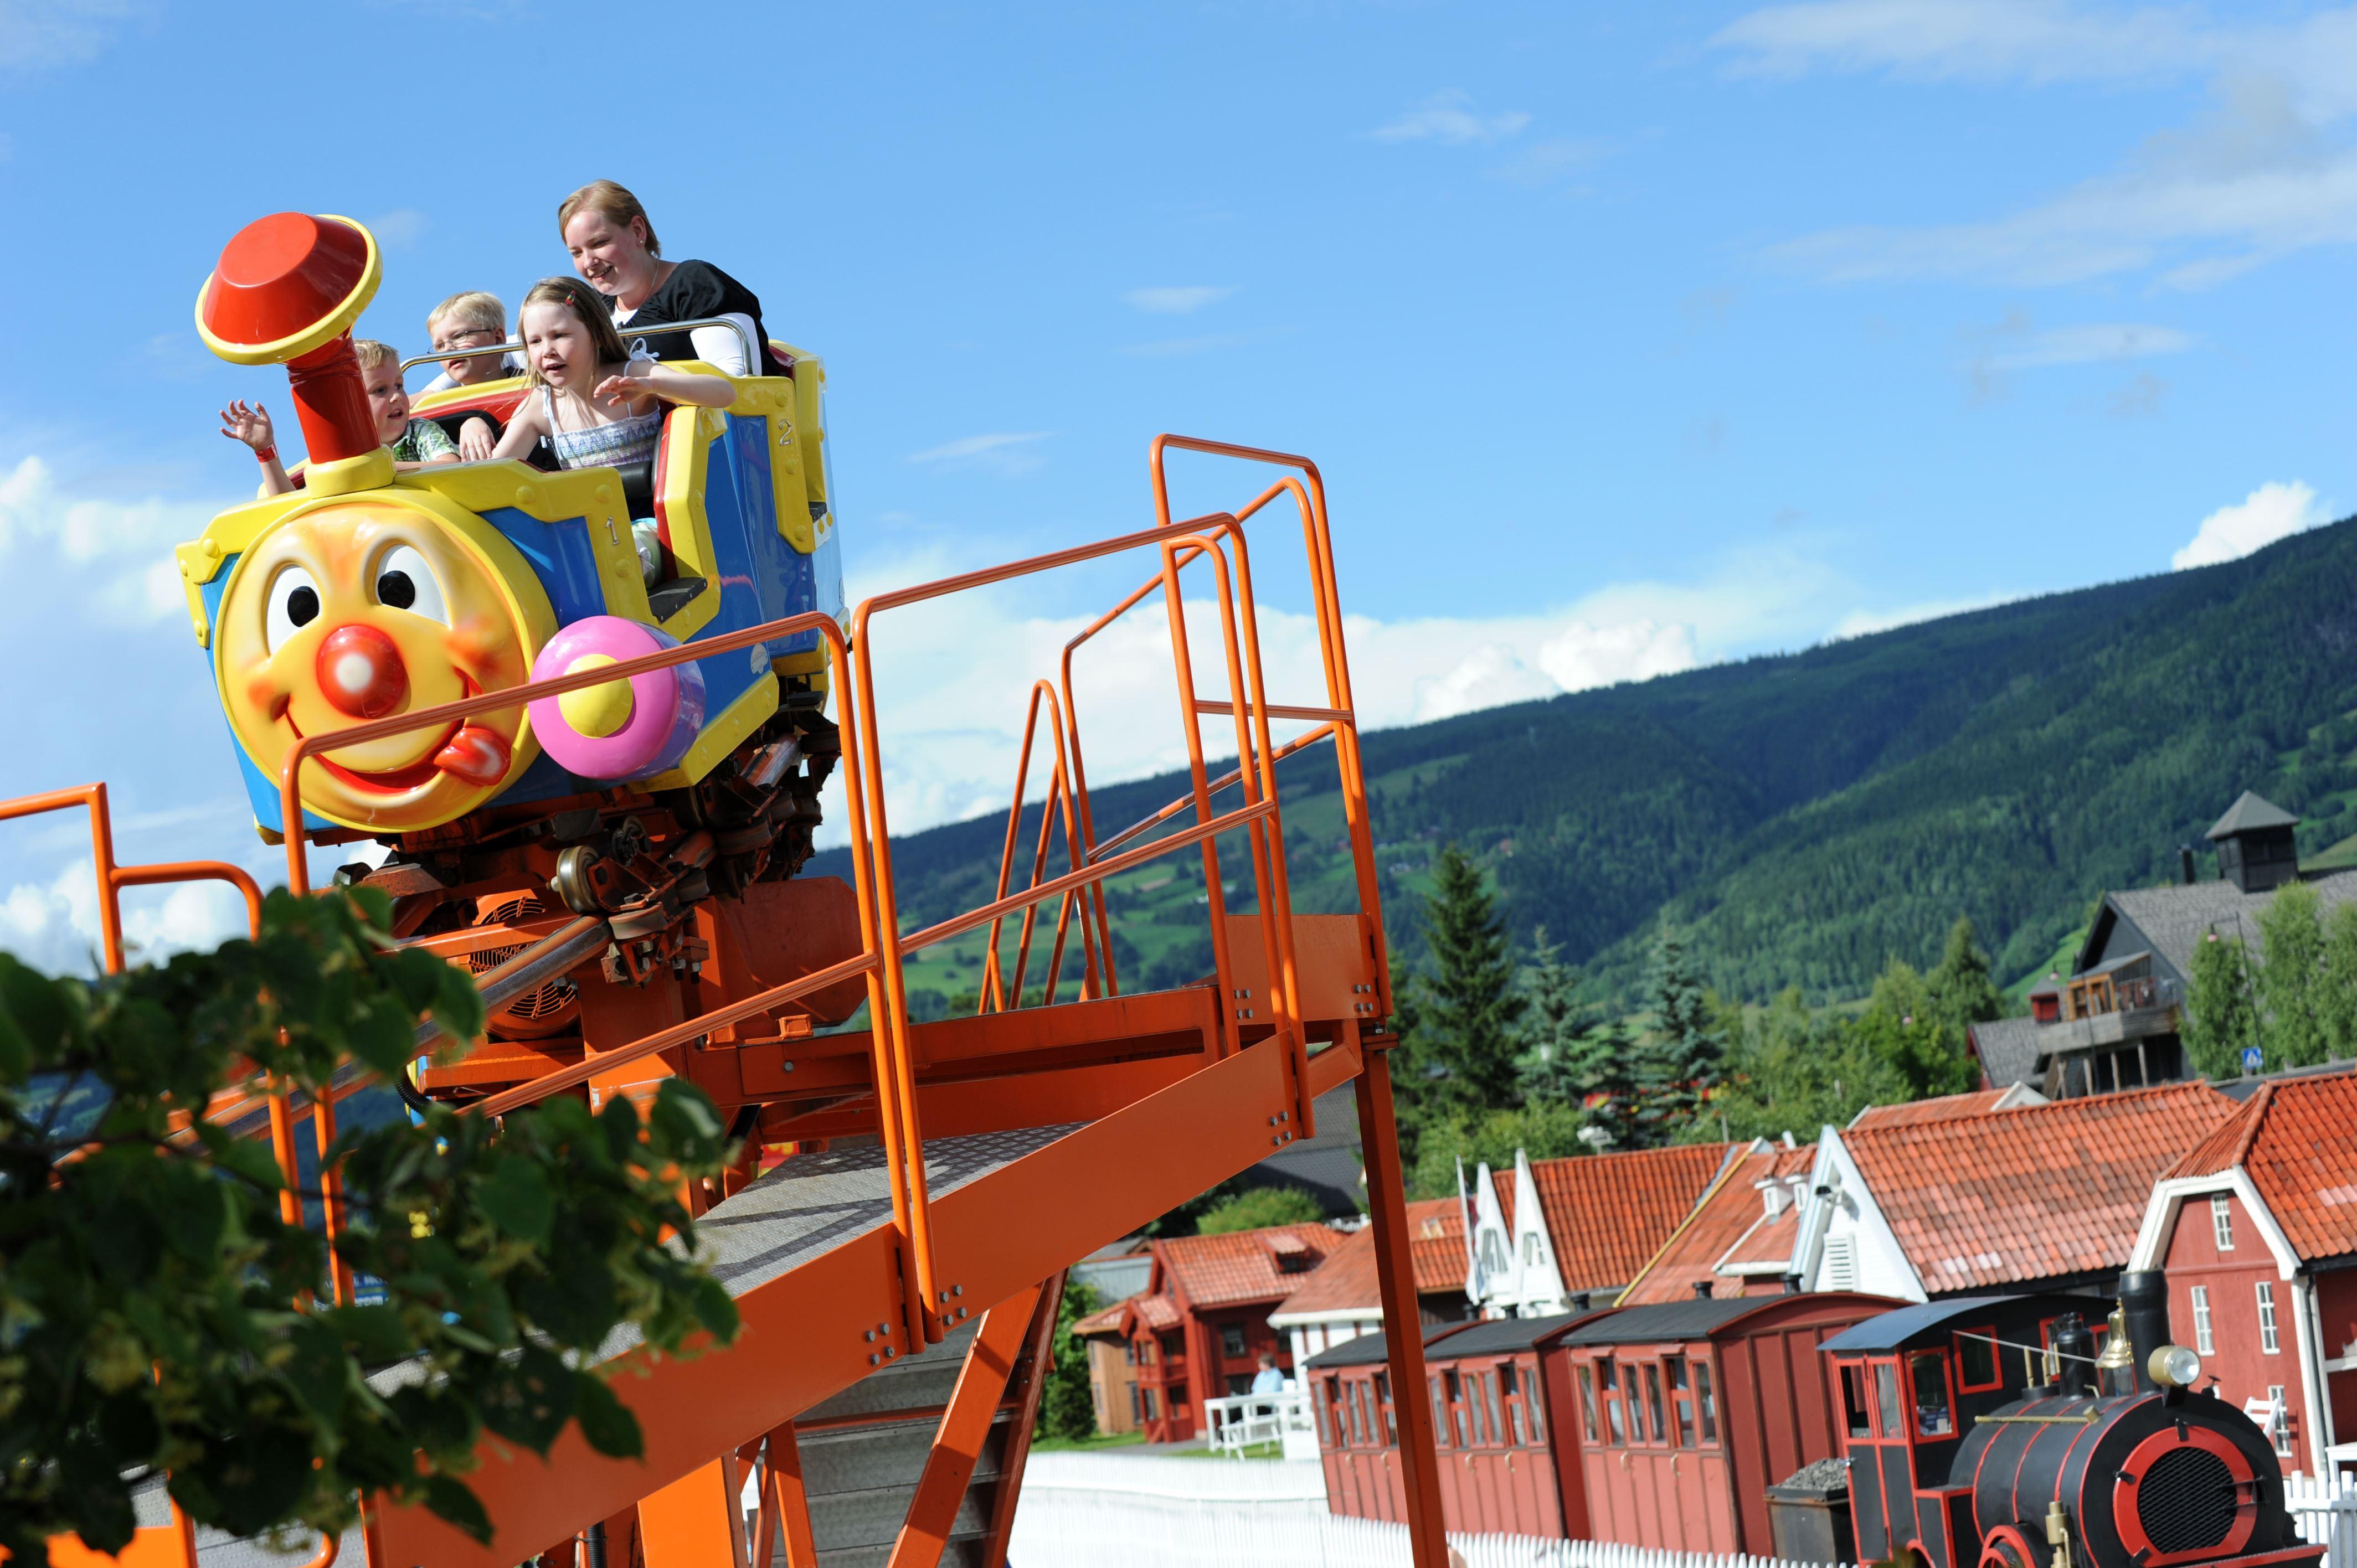 Lilleputthammer Family Park